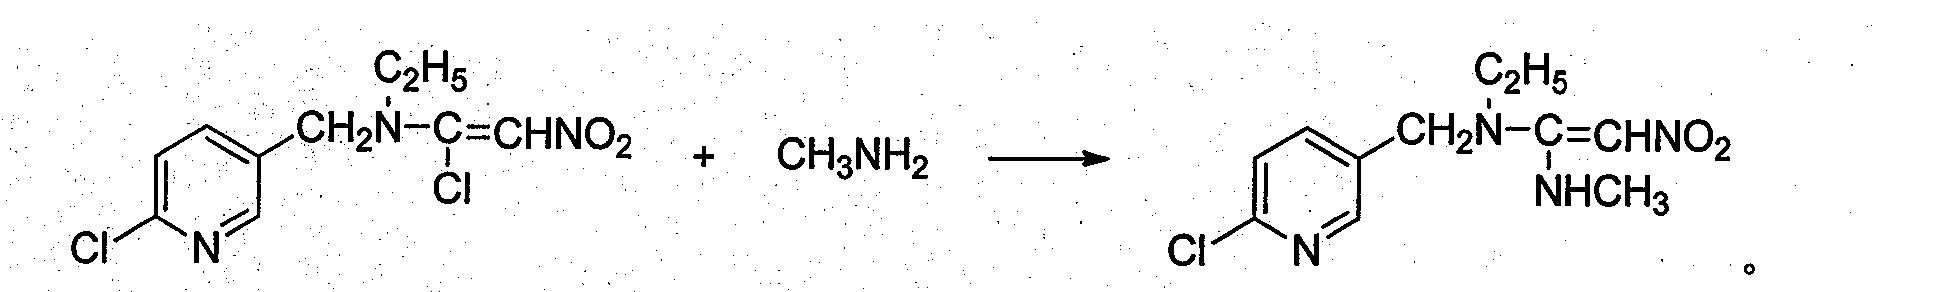 Figure CN102816112BC00031